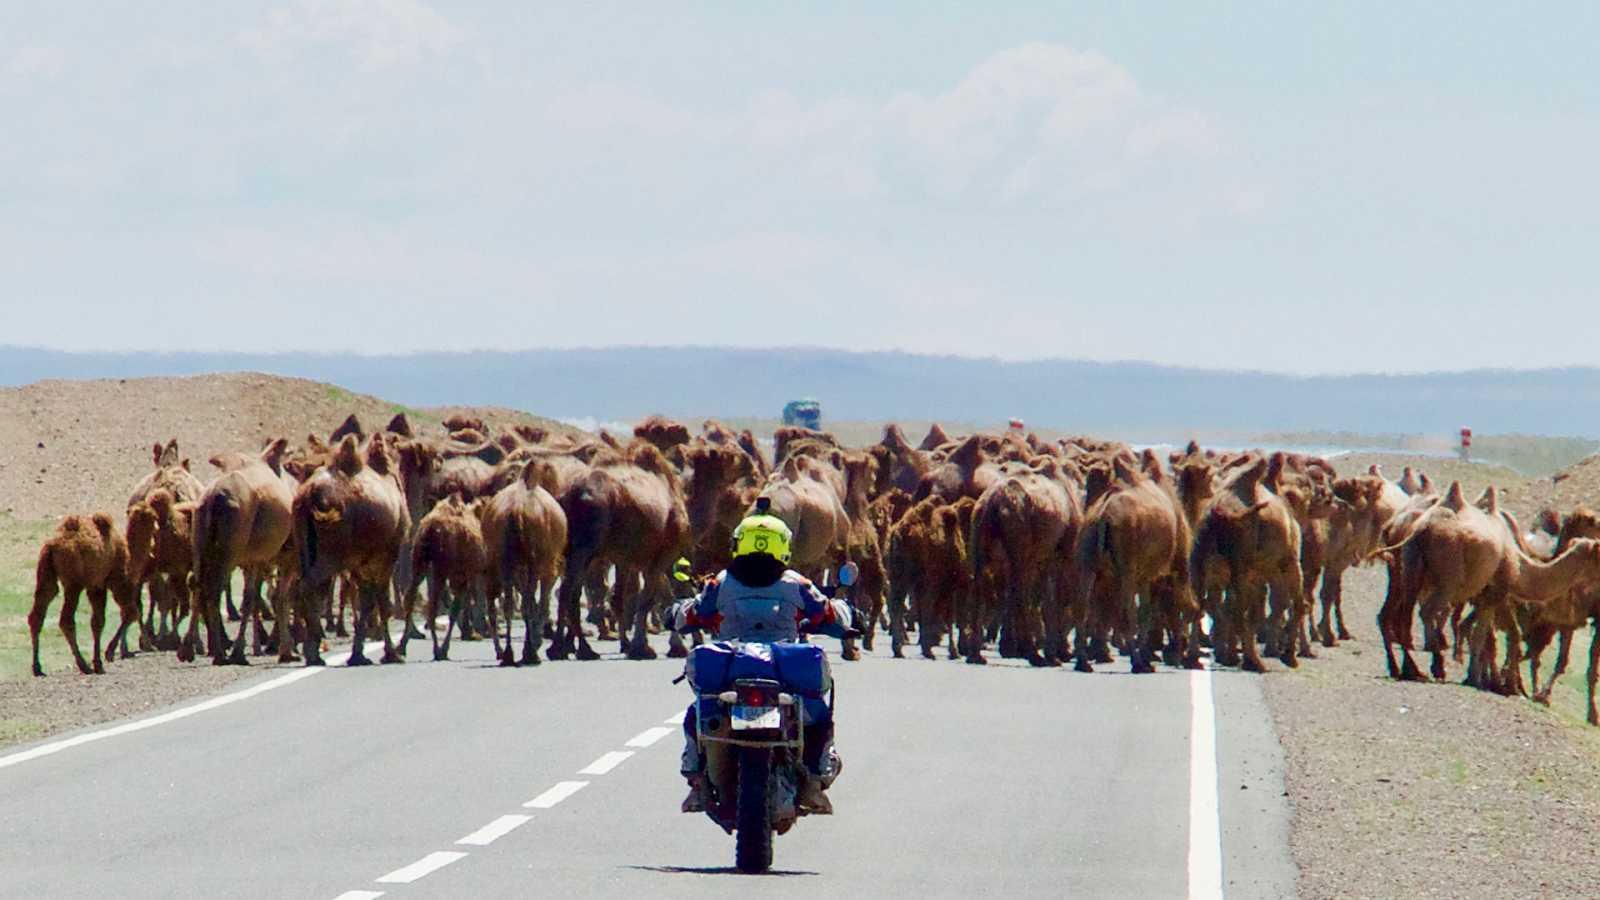 Diario de un nómada - Las huellas de Gengis Khan: Navegando la infernal estepa de Mongolia - ver ahora